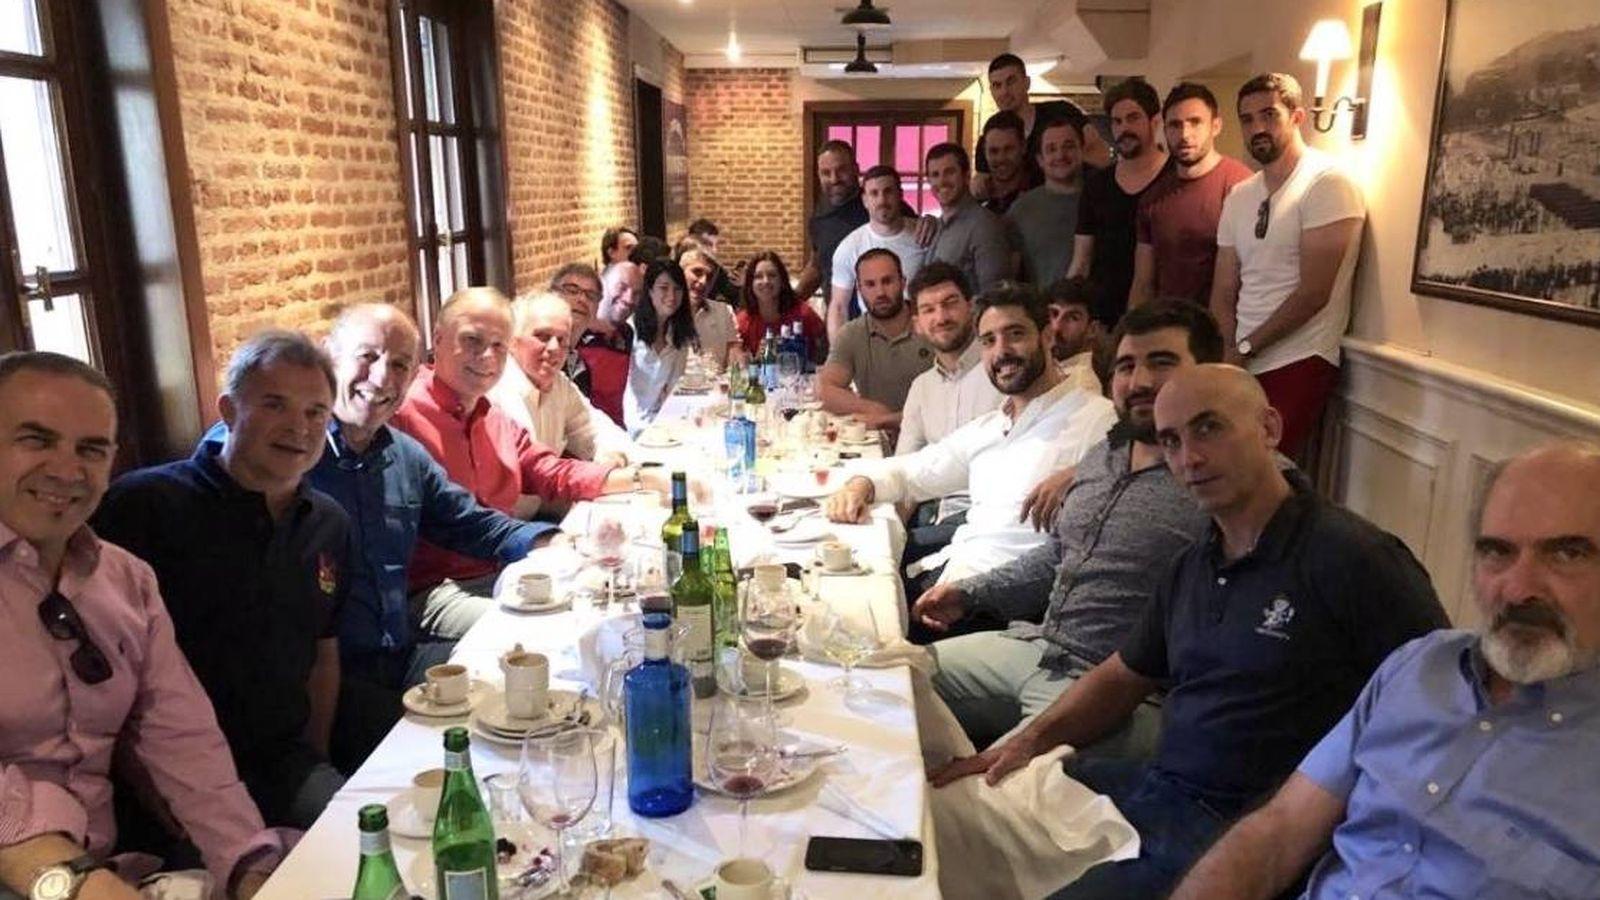 Foto: Los jugadores y el staff, en la cena organizada por la Federación de Rugby